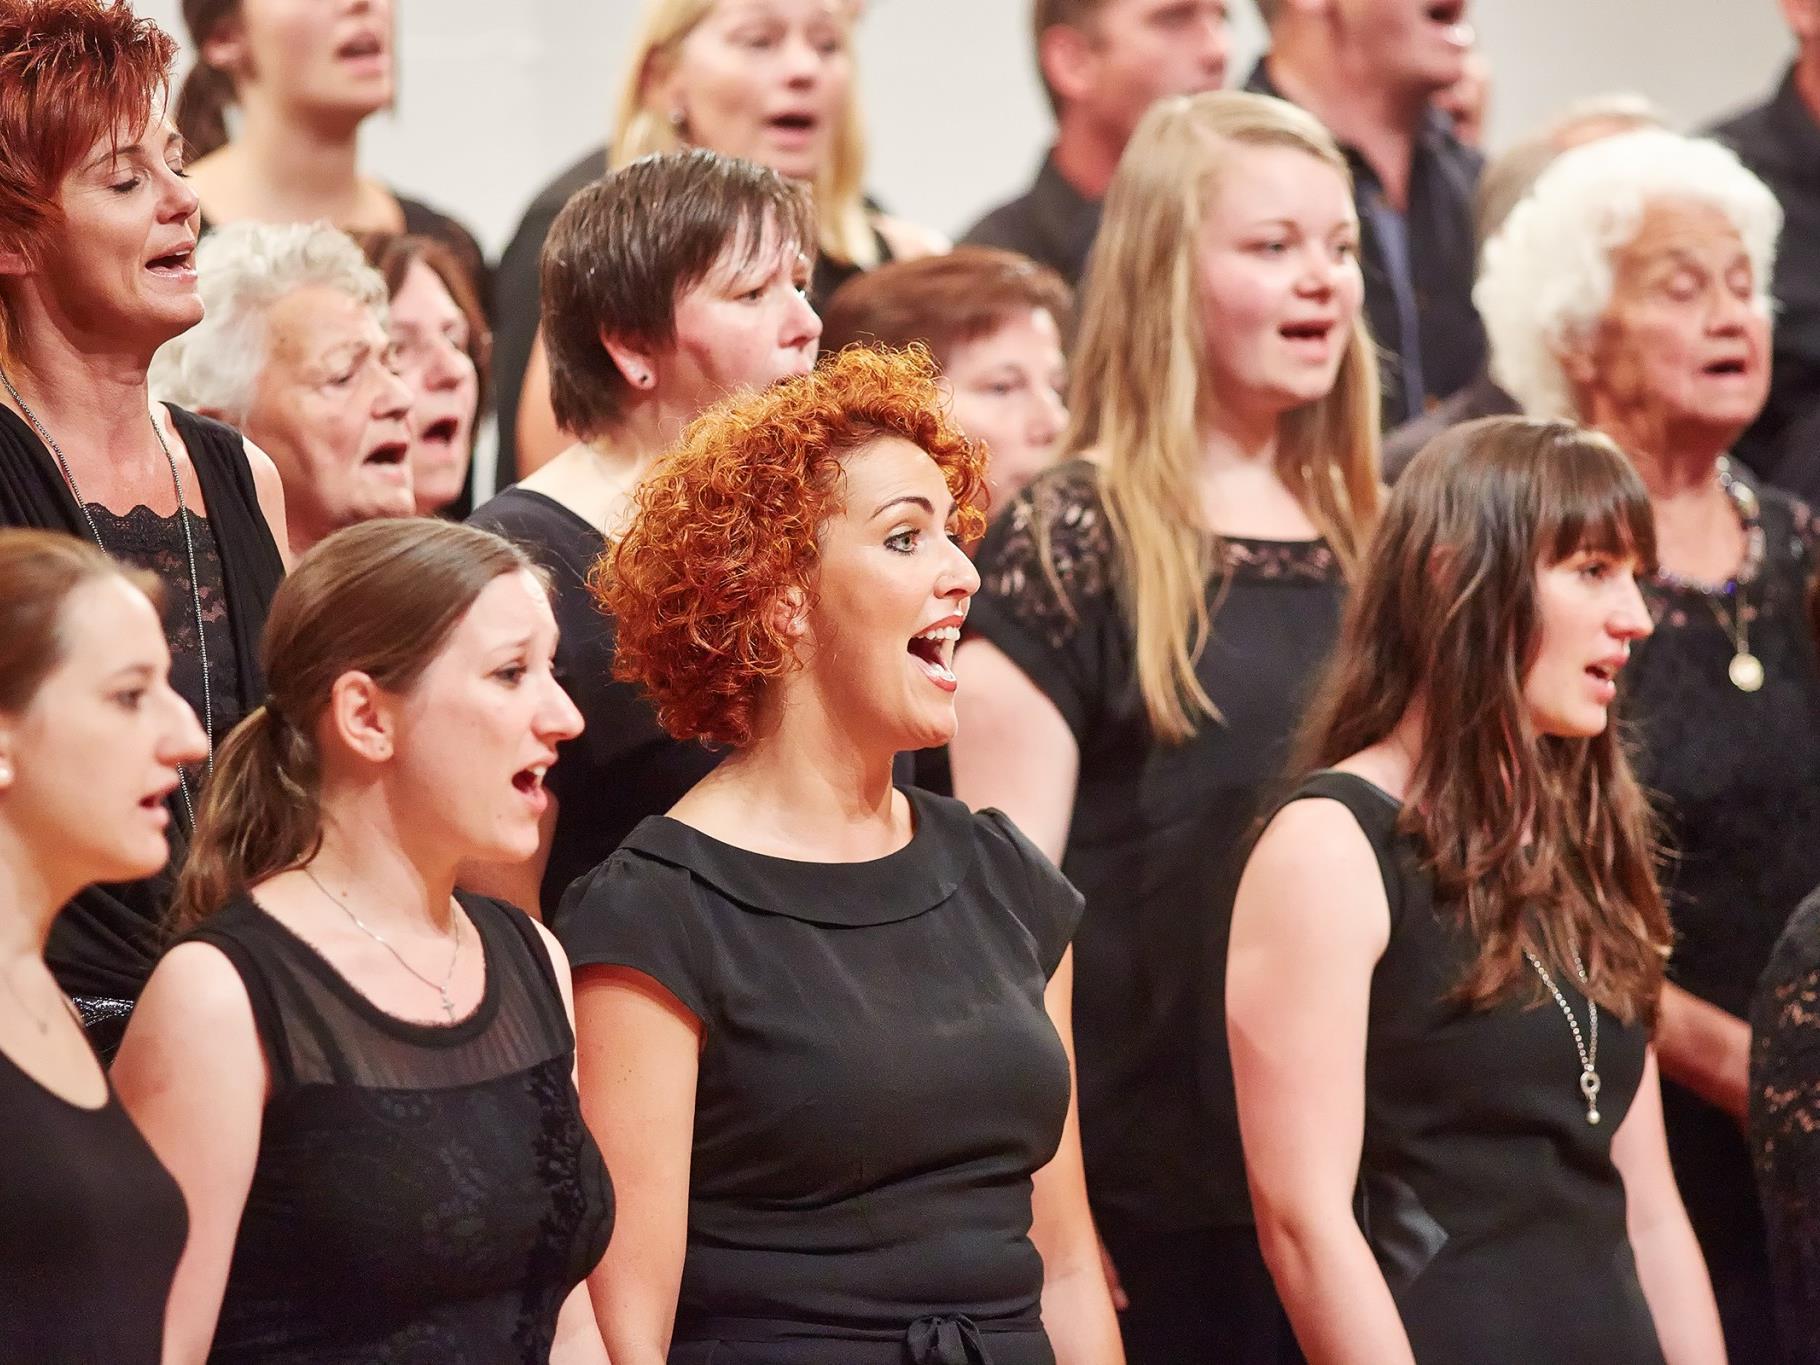 Am Samstag, 12. Juli präsentieren die 75 Teilnehmer beim Abschlusskonzert die erarbeiteten Chorwerke.